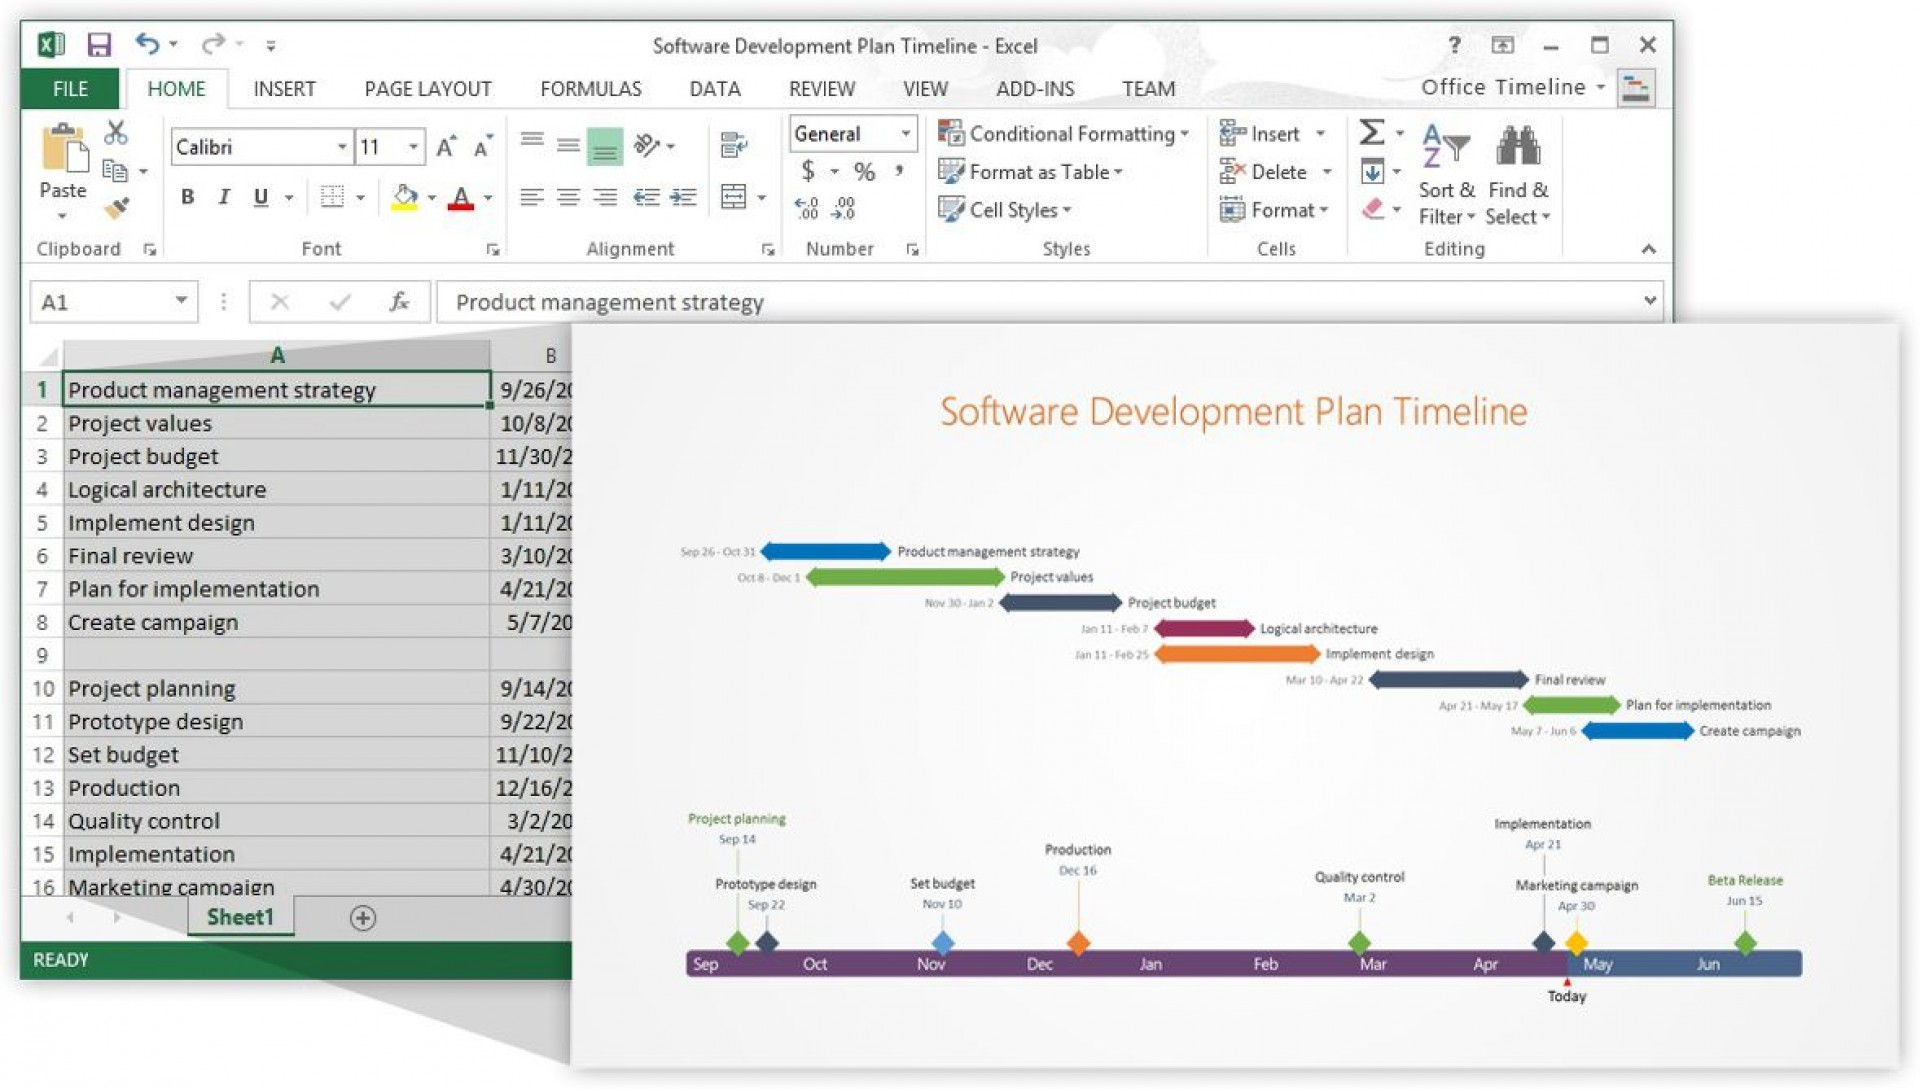 006 Impressive Project Management Timeline Template Inspiration  Plan Pmbok Planner1920